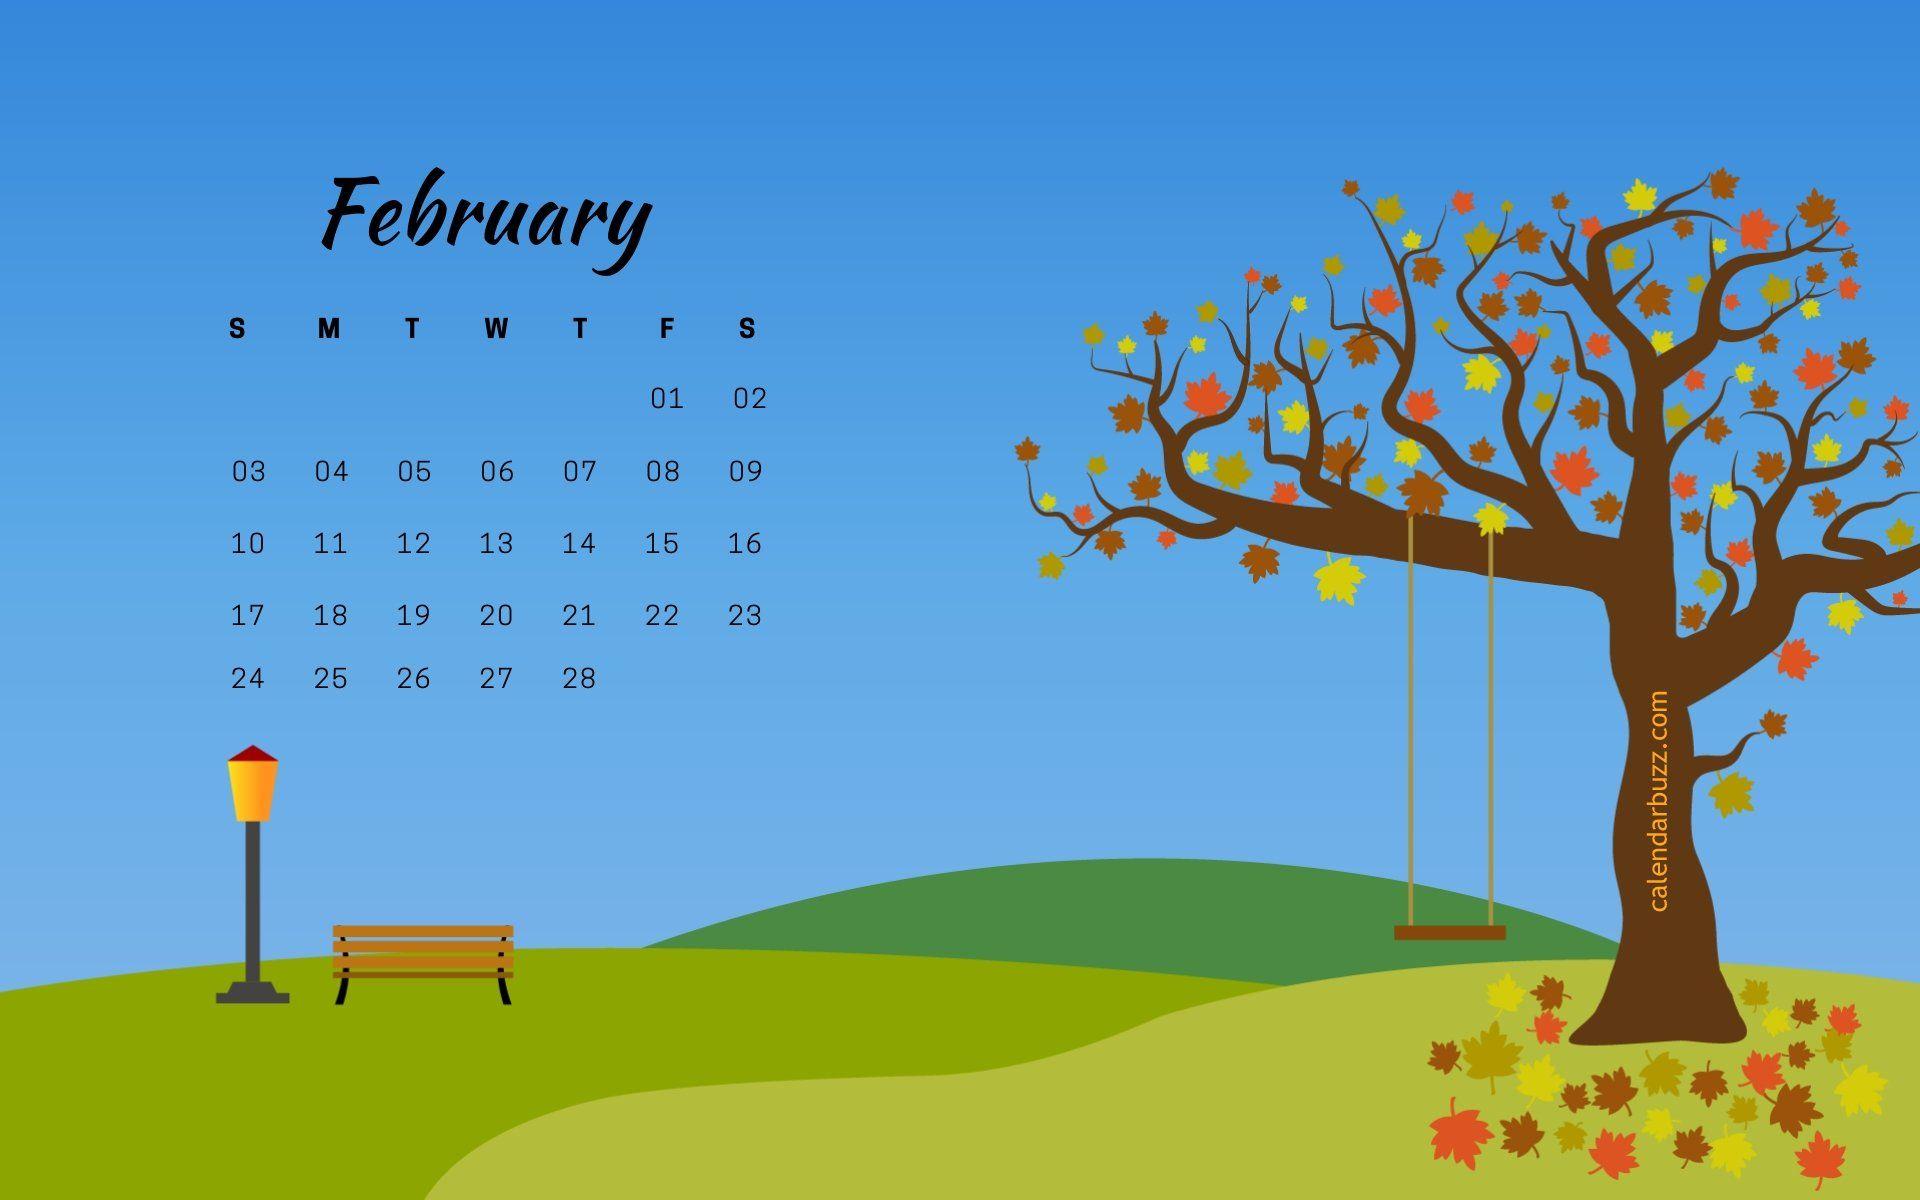 2019 February Calendar Buzz Wallpaper Calendars February 2019 Desktop Background Calendar #february #2019february